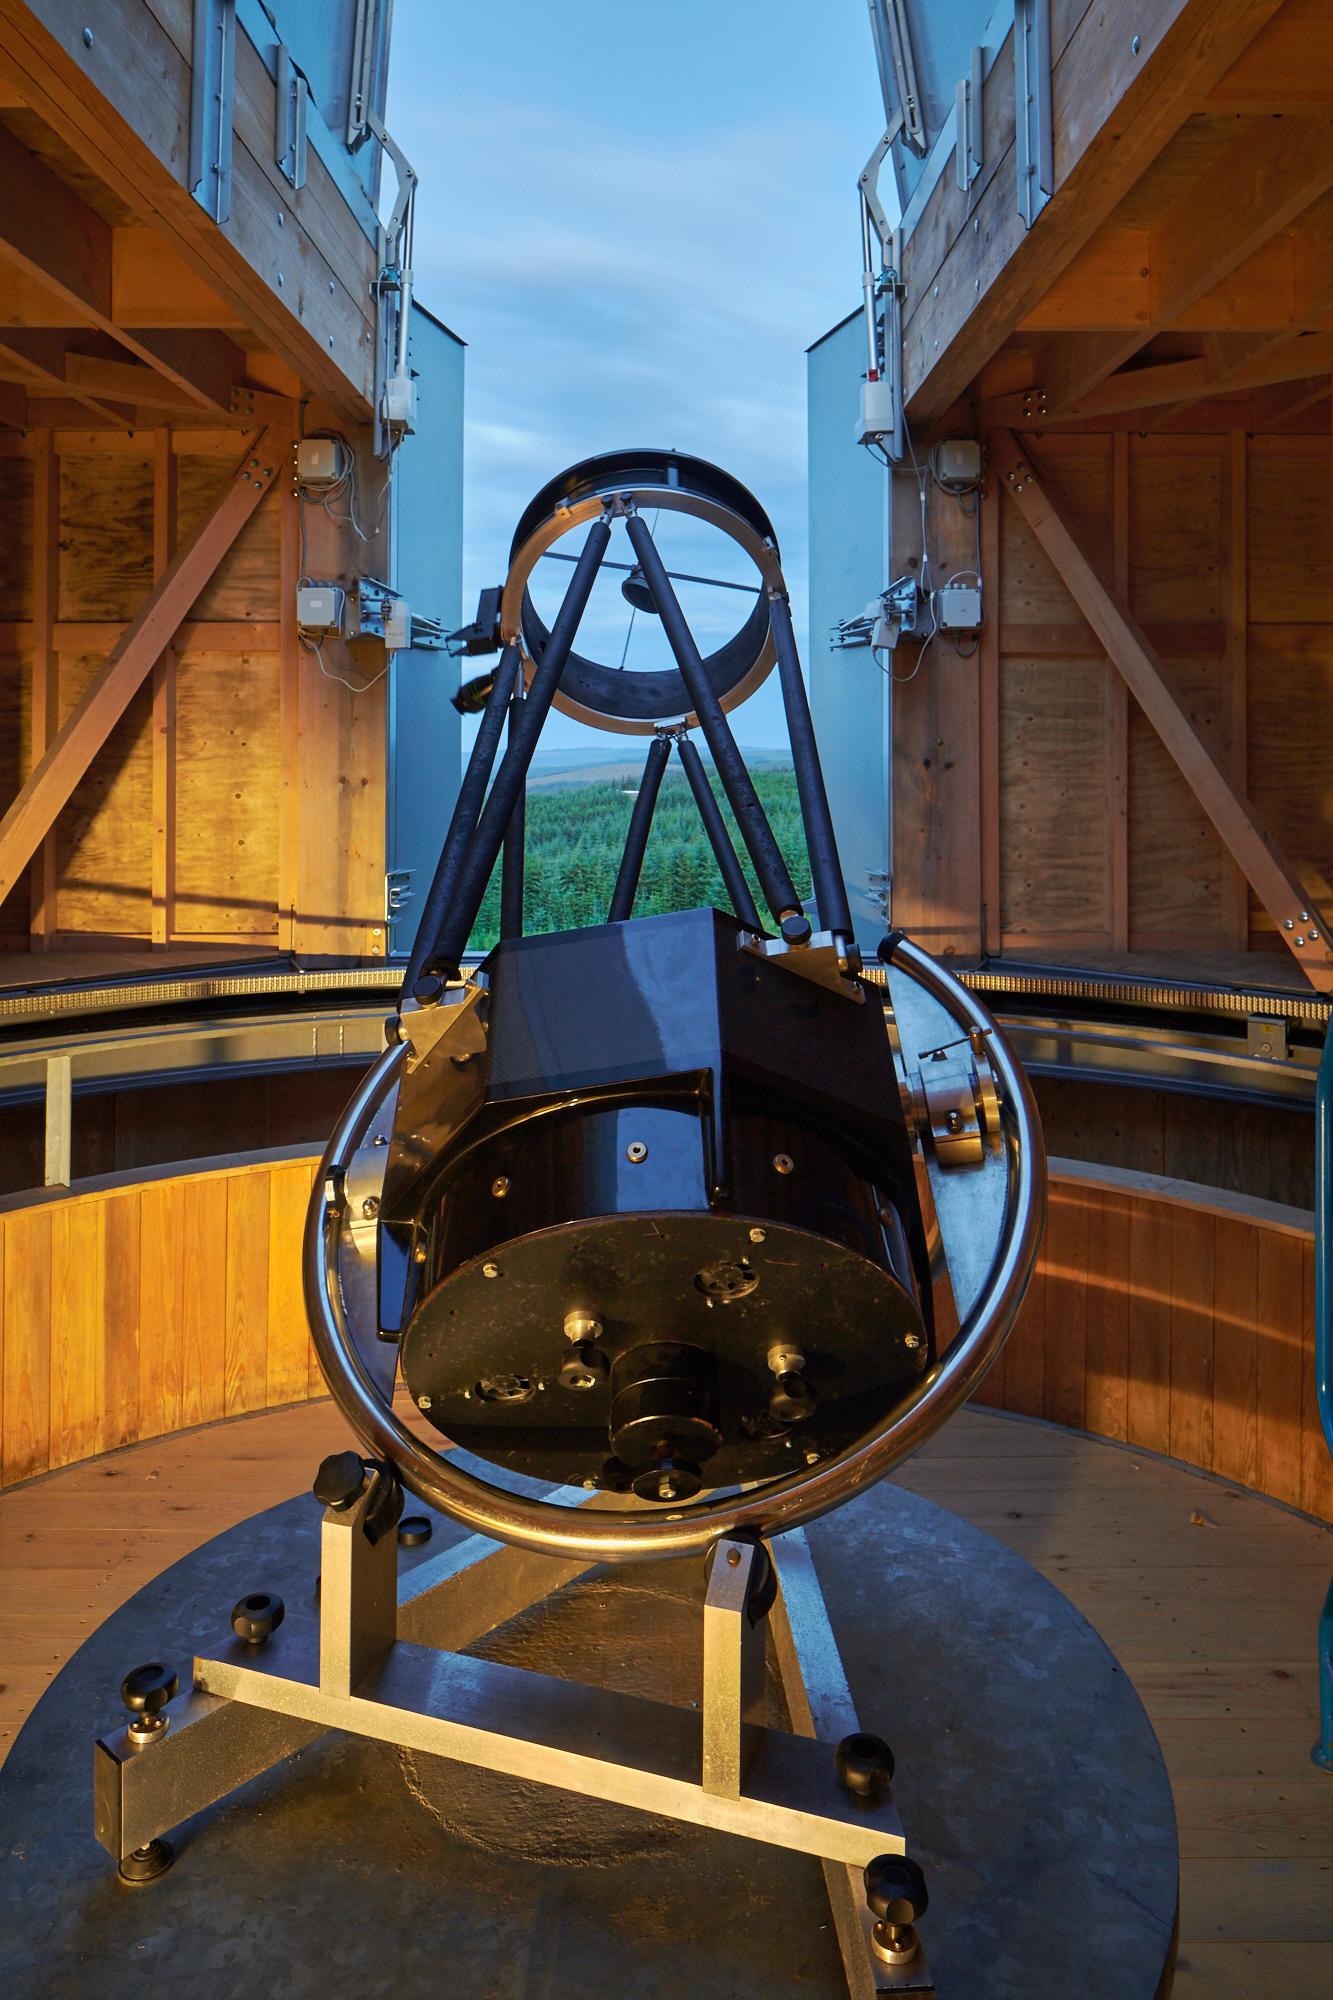 Kielder Observatory, Kielder forest, England